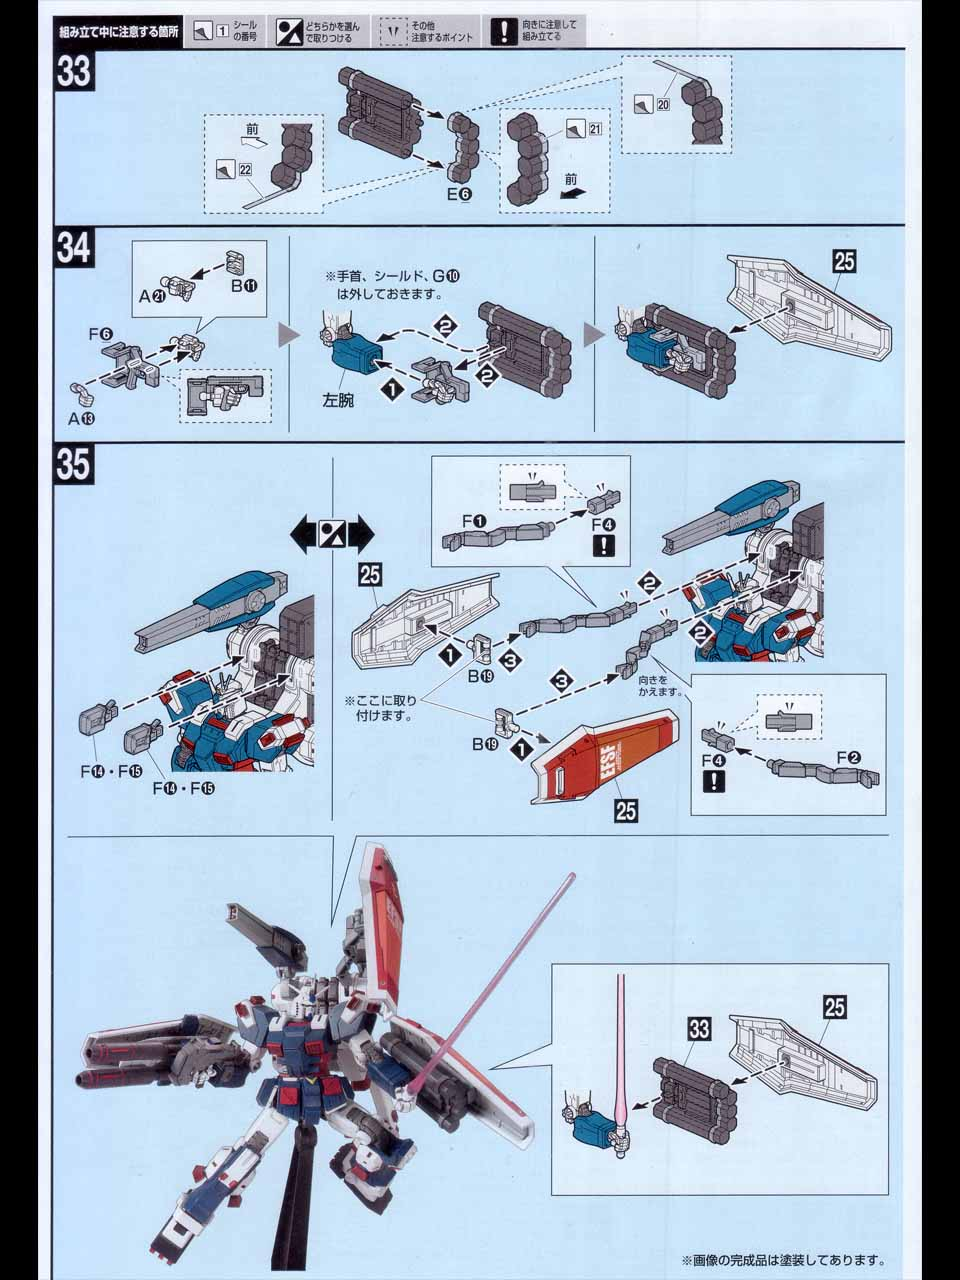 HGGT_FA_78_Fullarmor_gundam_Thunderbolt_ver_13.jpg